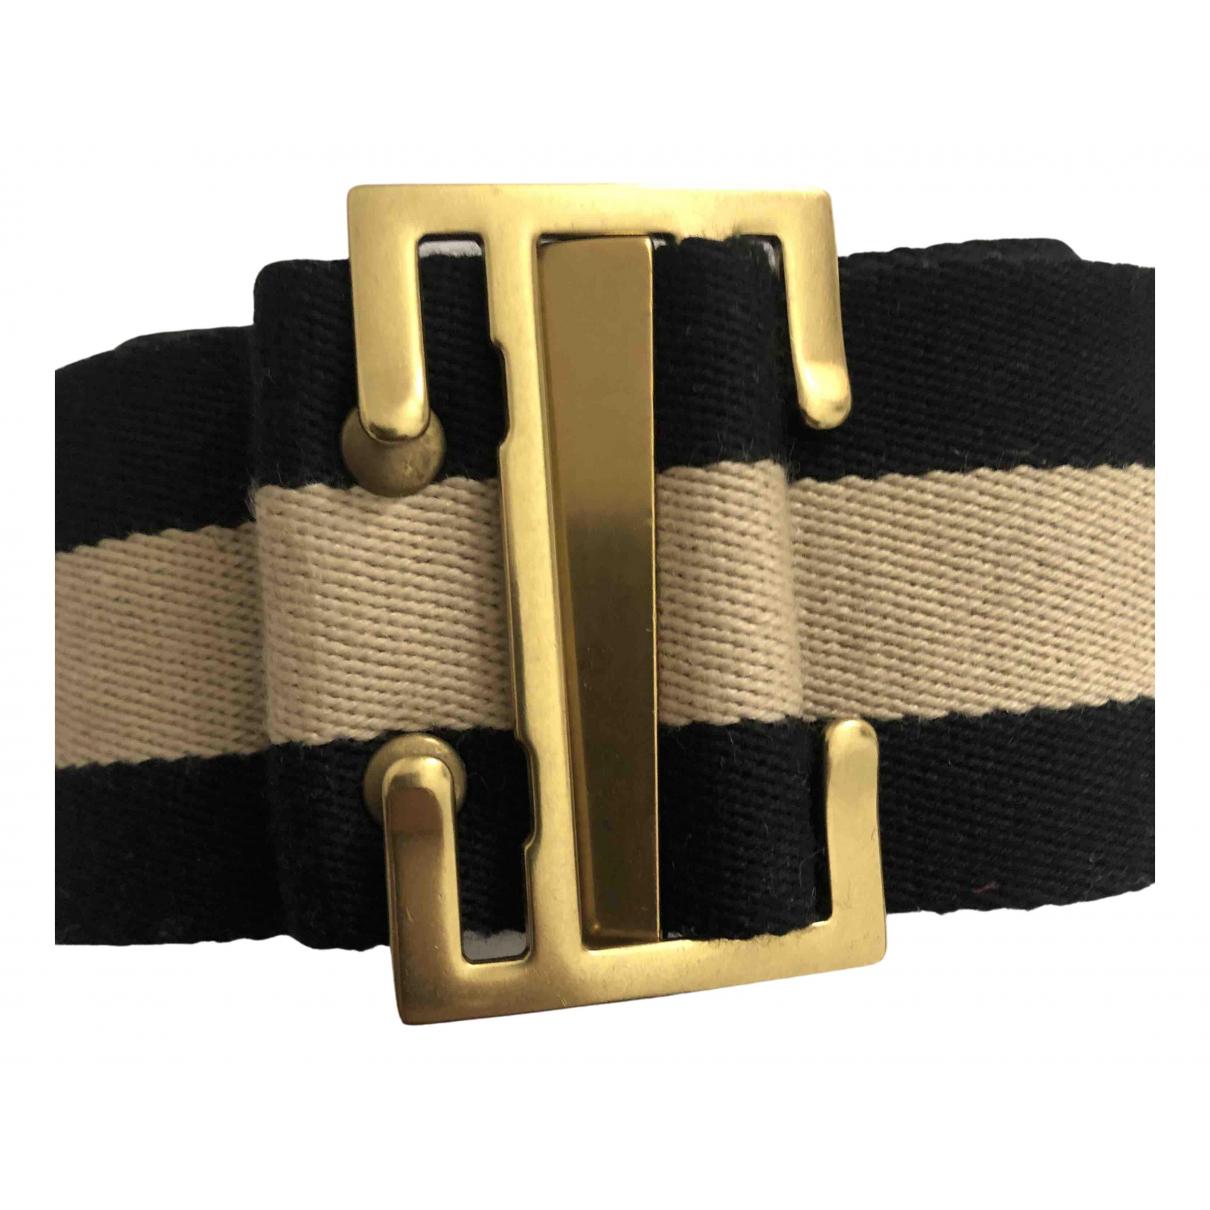 Cinturon D-ring de Lona Gucci